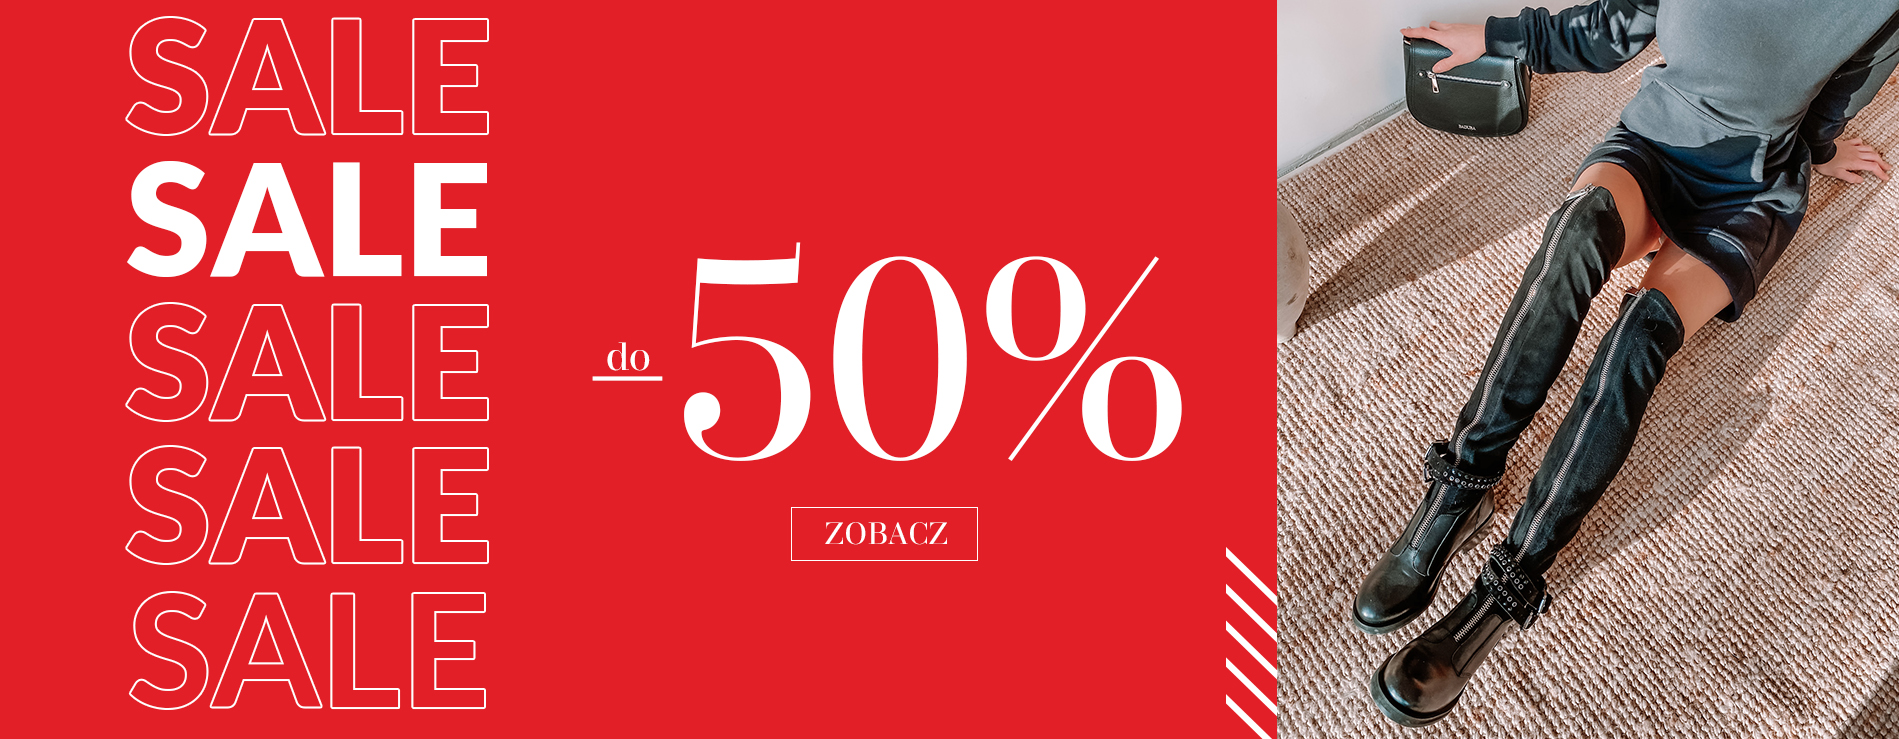 Badura Badura: wyprzedaż do 50% rabatu na modne buty damskie i męskie oraz torebki